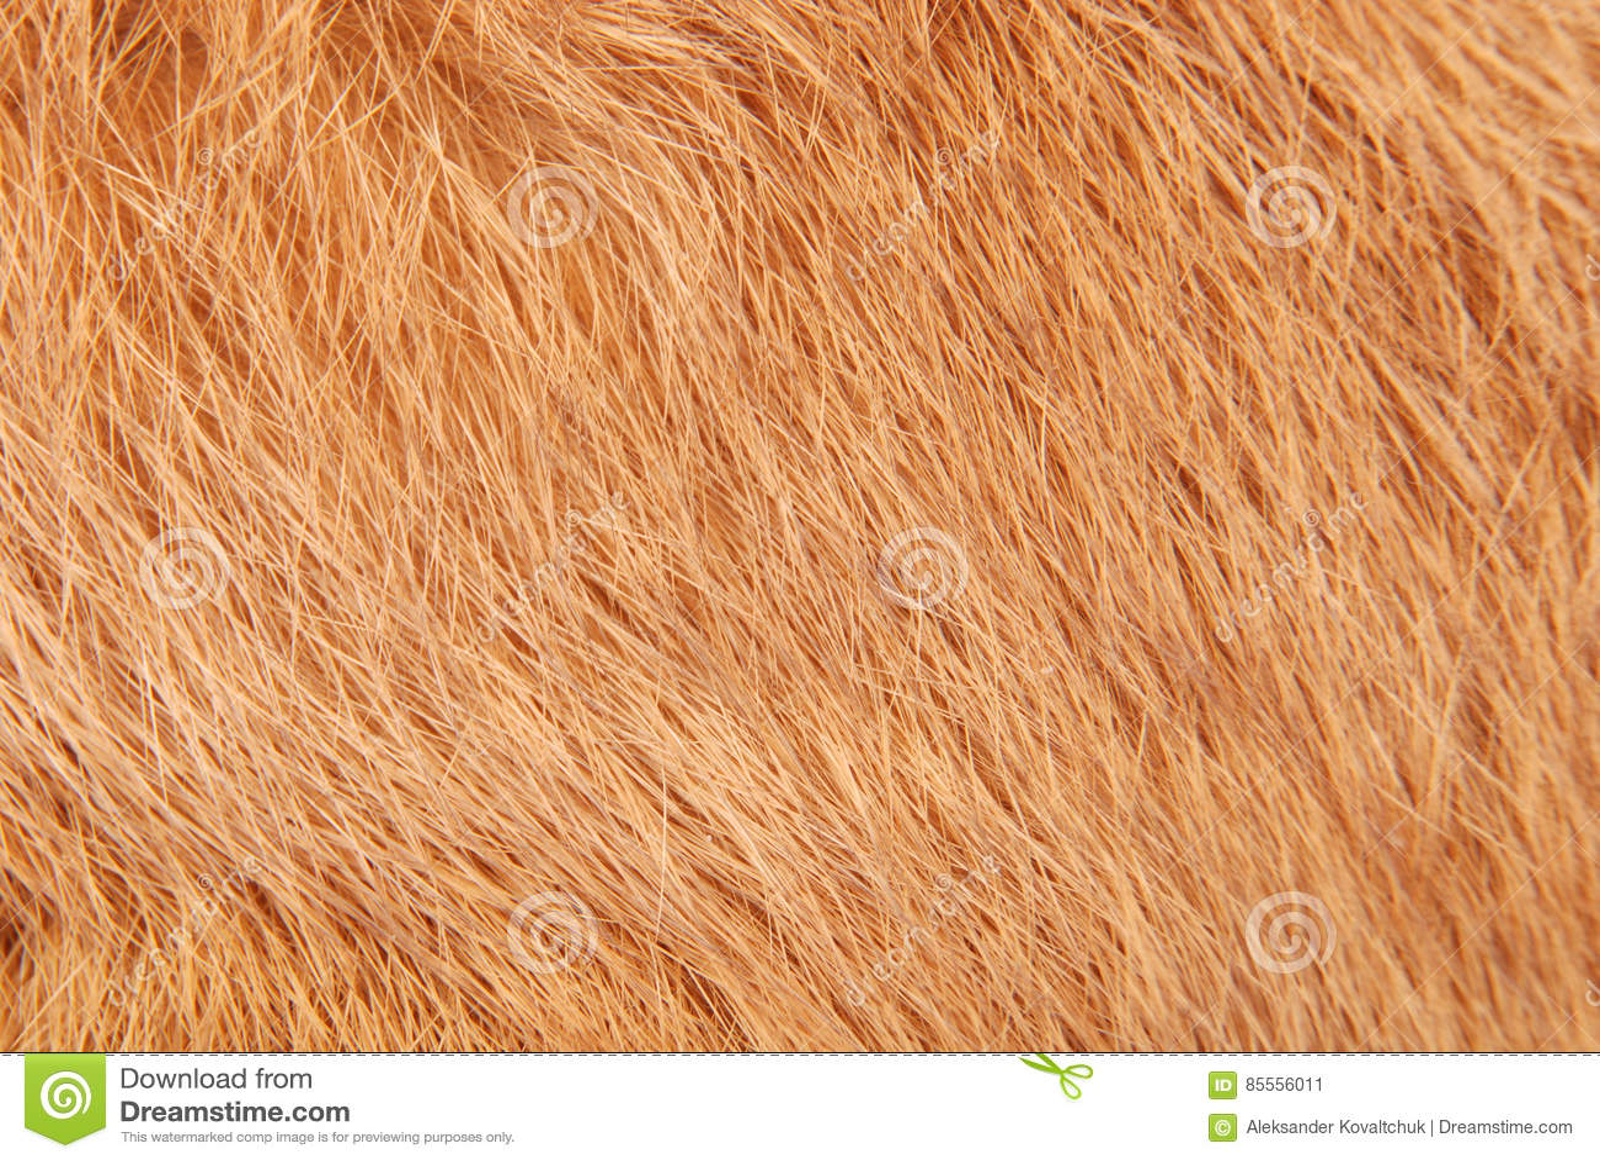 Orange Kaninchenpelz als Hintergrund